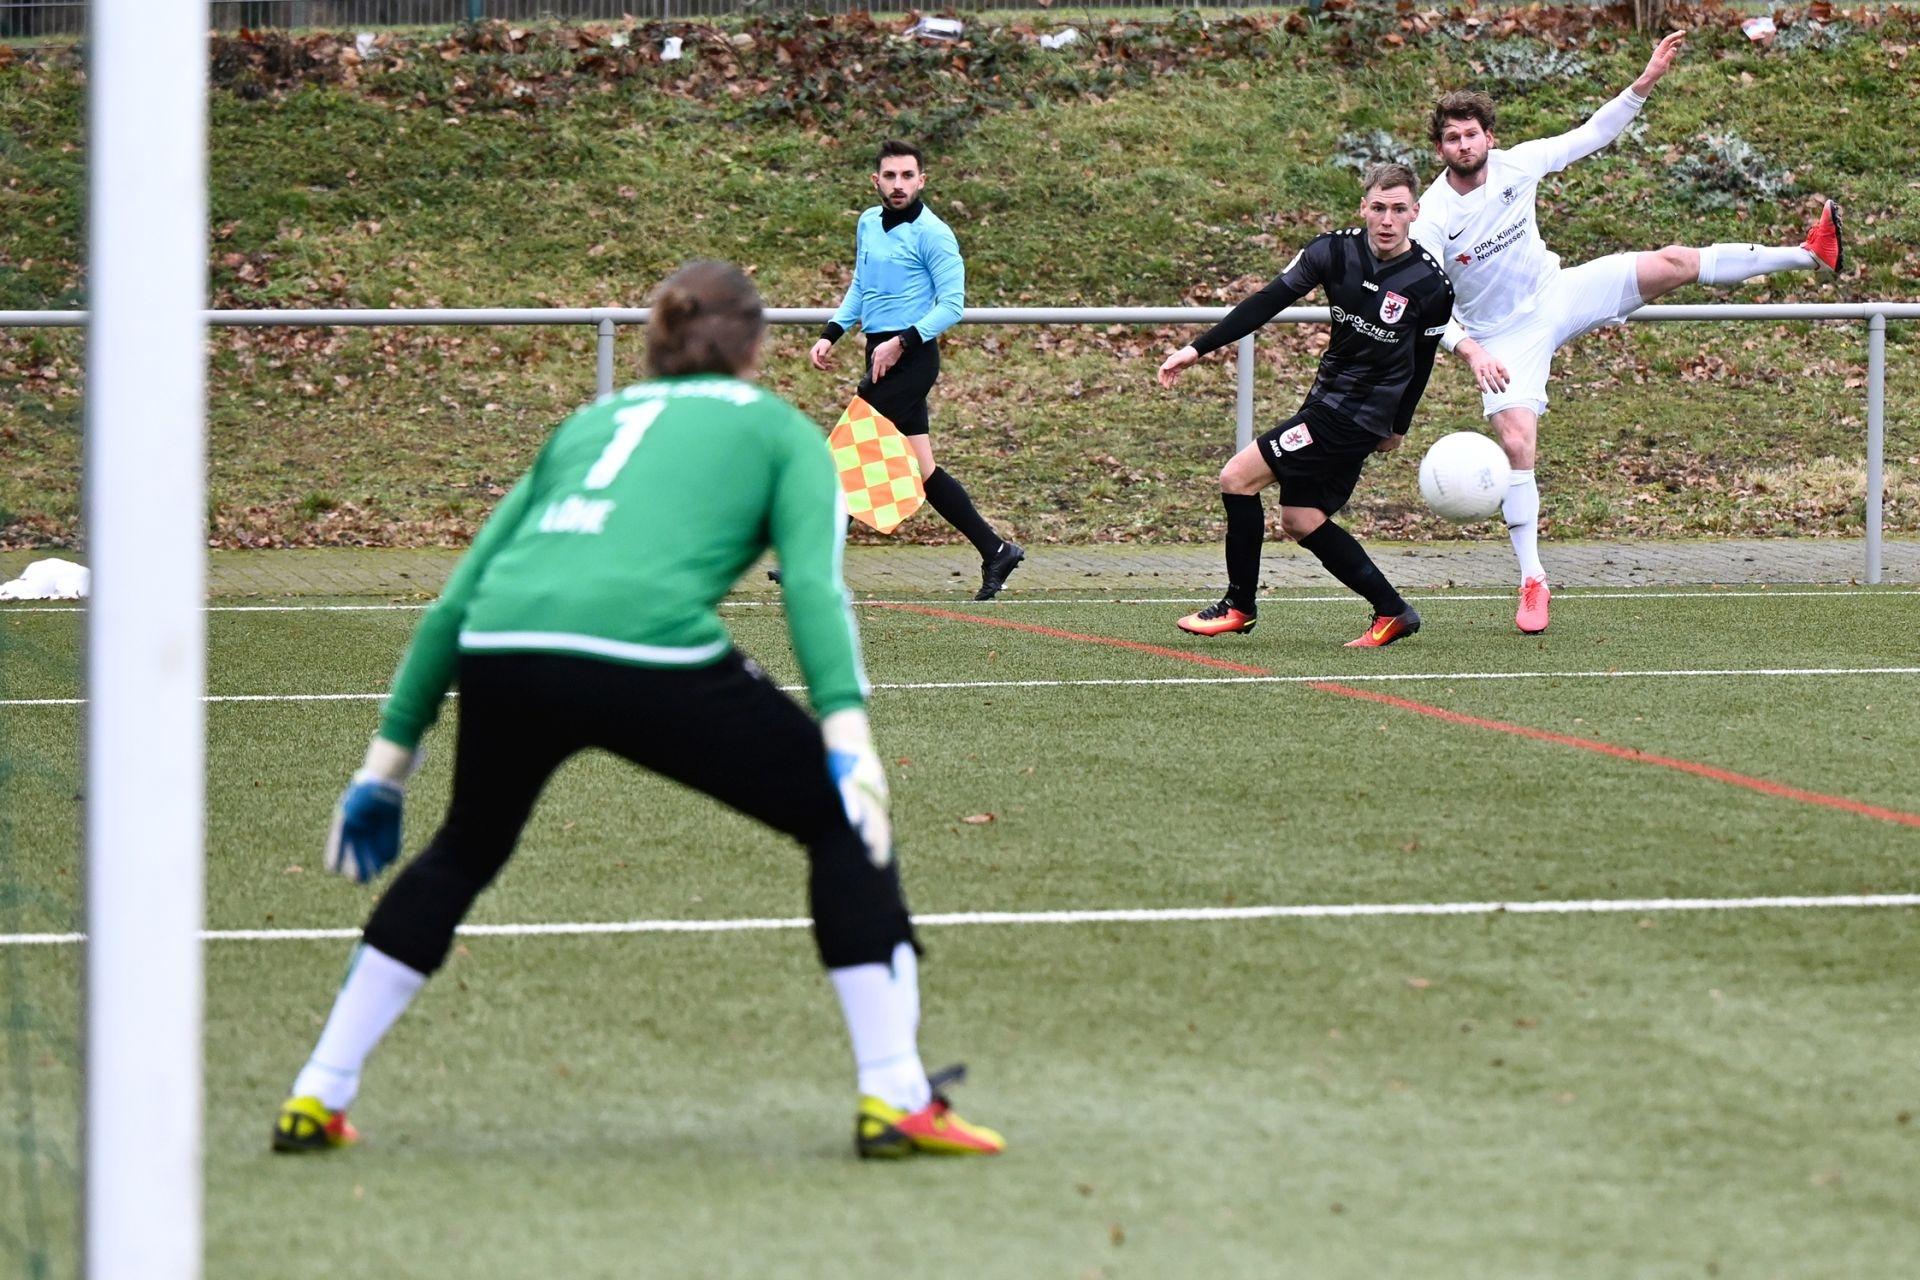 Regionalliga Südwest 2020/21, KSVHessen Kassel, FC Gießen, Endstand 1:1, Ingmar Merle